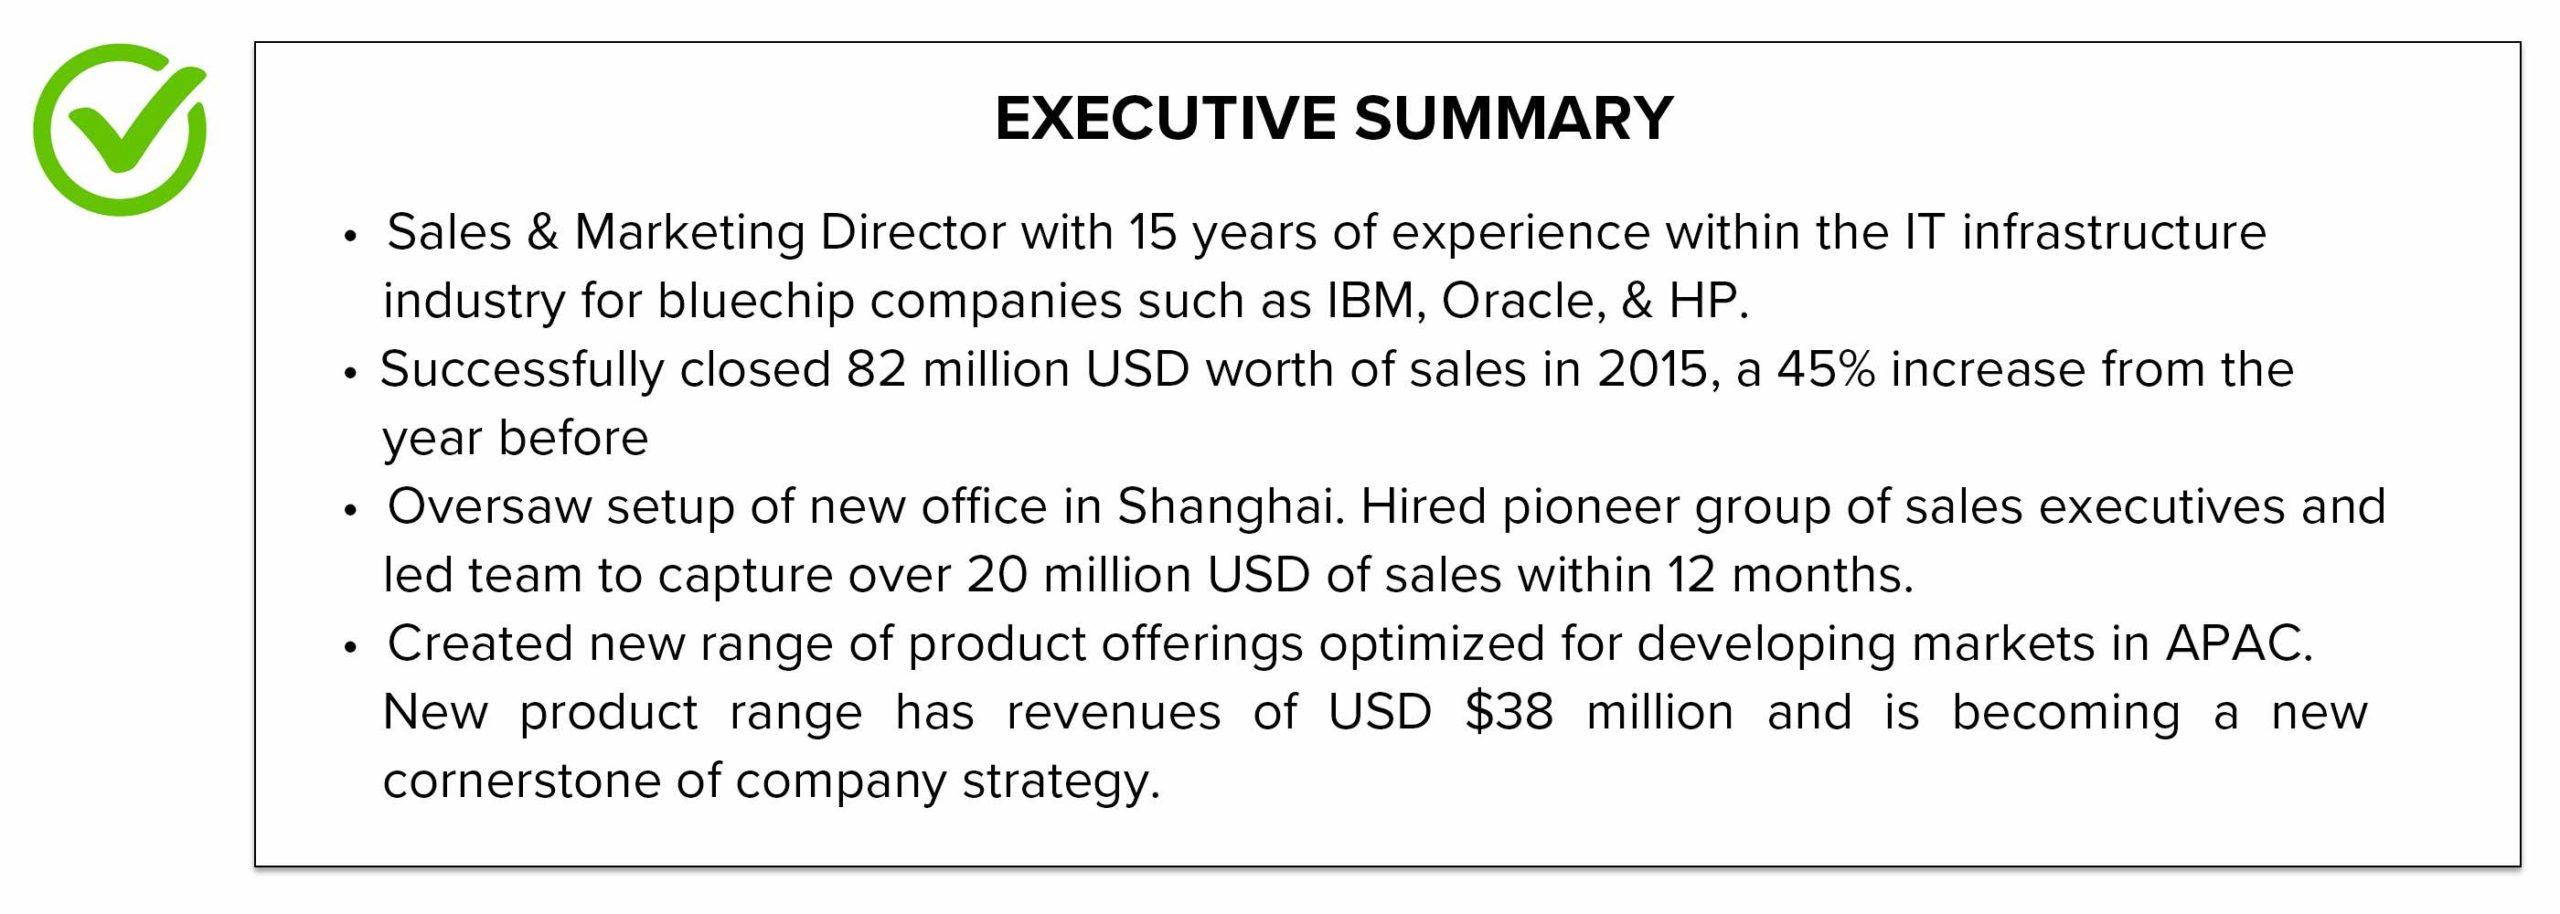 Executive Summary G Scaled